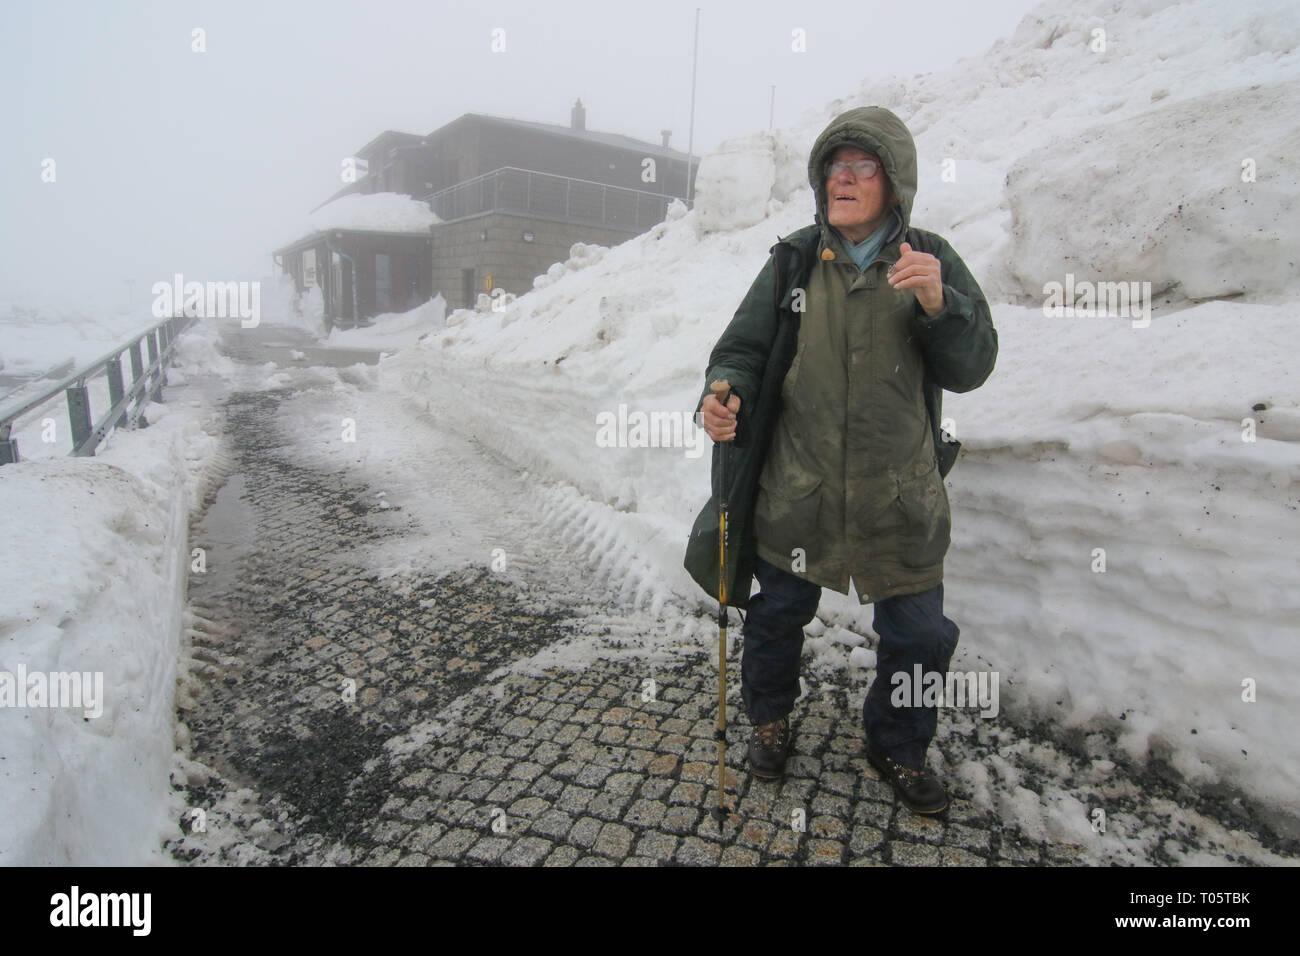 Schierke, Deutschland. 17 Mär, 2019. Extreme Wanderer Benno Schmidt ist zurück auf der Straße nach einer Pause von ein paar Tagen. Der Wanderer hat über 8200 mal auf dem Gipfel reiste. Wegen der heftigen Stürme in den letzten Tagen, Benno Schmidt hatte ein paar Tage zu bleiben. Die Anhaltende Schneefaelle haben die Schneedecke auf dem Brocken zu fast zwei Meter hoch wachsen. Wegen des stürmischen Wetters, die Harzer Schmalspurbahn HSB gestoppt, die die Brockenbahn von Schierke und Brocken am Sonntag. Credit: Matthias Bein/dpa-Zentralbild/dpa/Alamy leben Nachrichten Stockfoto